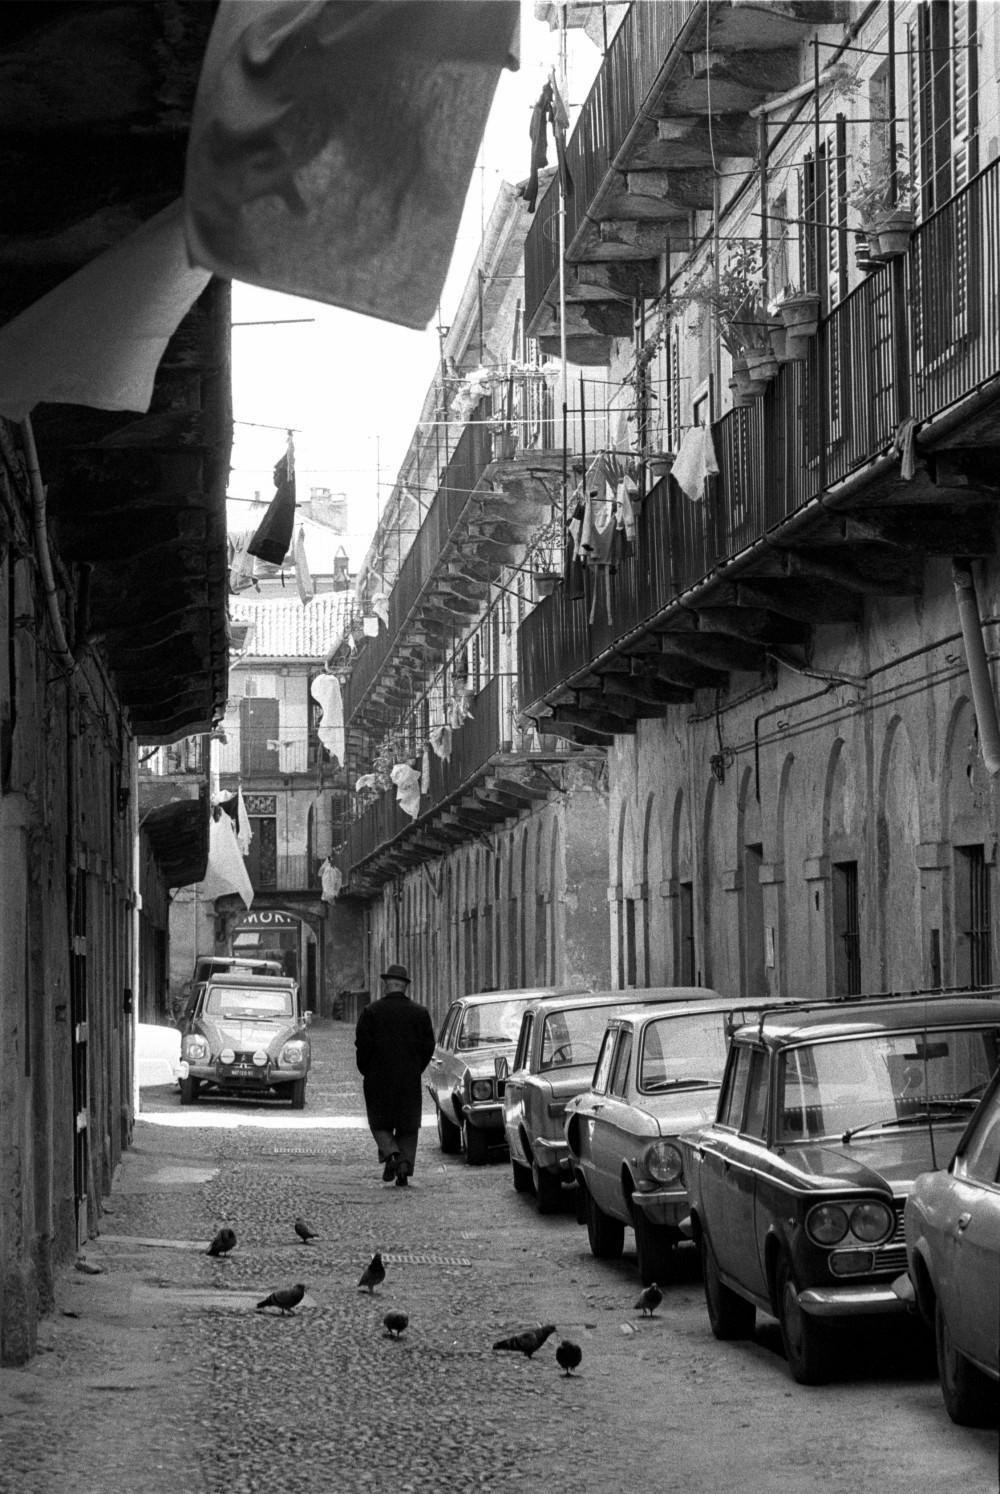 Toni Nicolini. Cortile di Corso San Gottardo 4, Milano, 1978